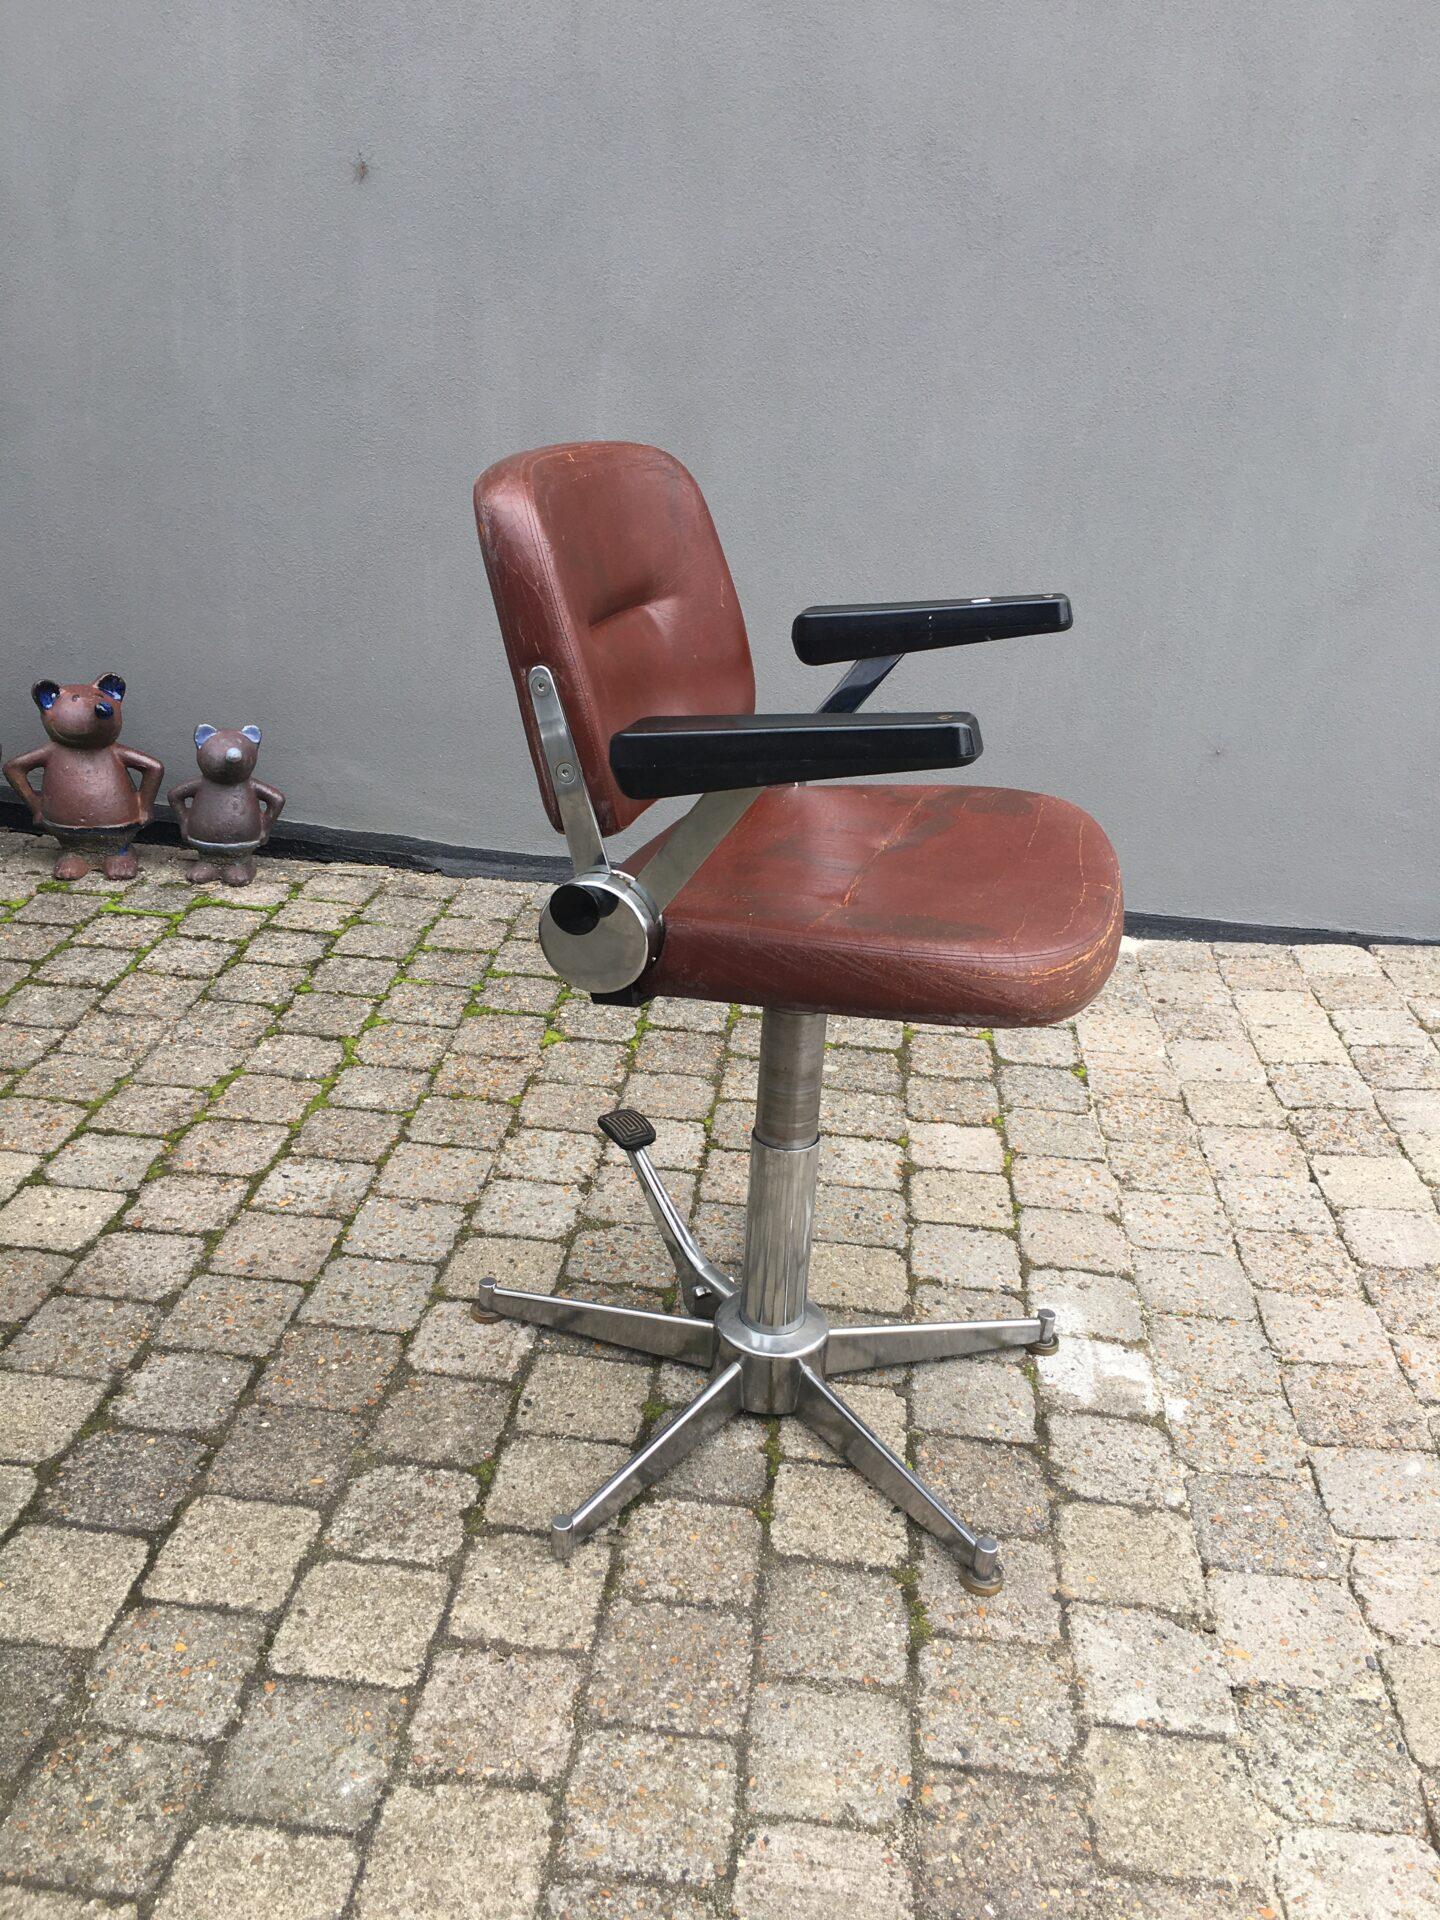 Antik kontorstol/frisørstol, pris 500 kr